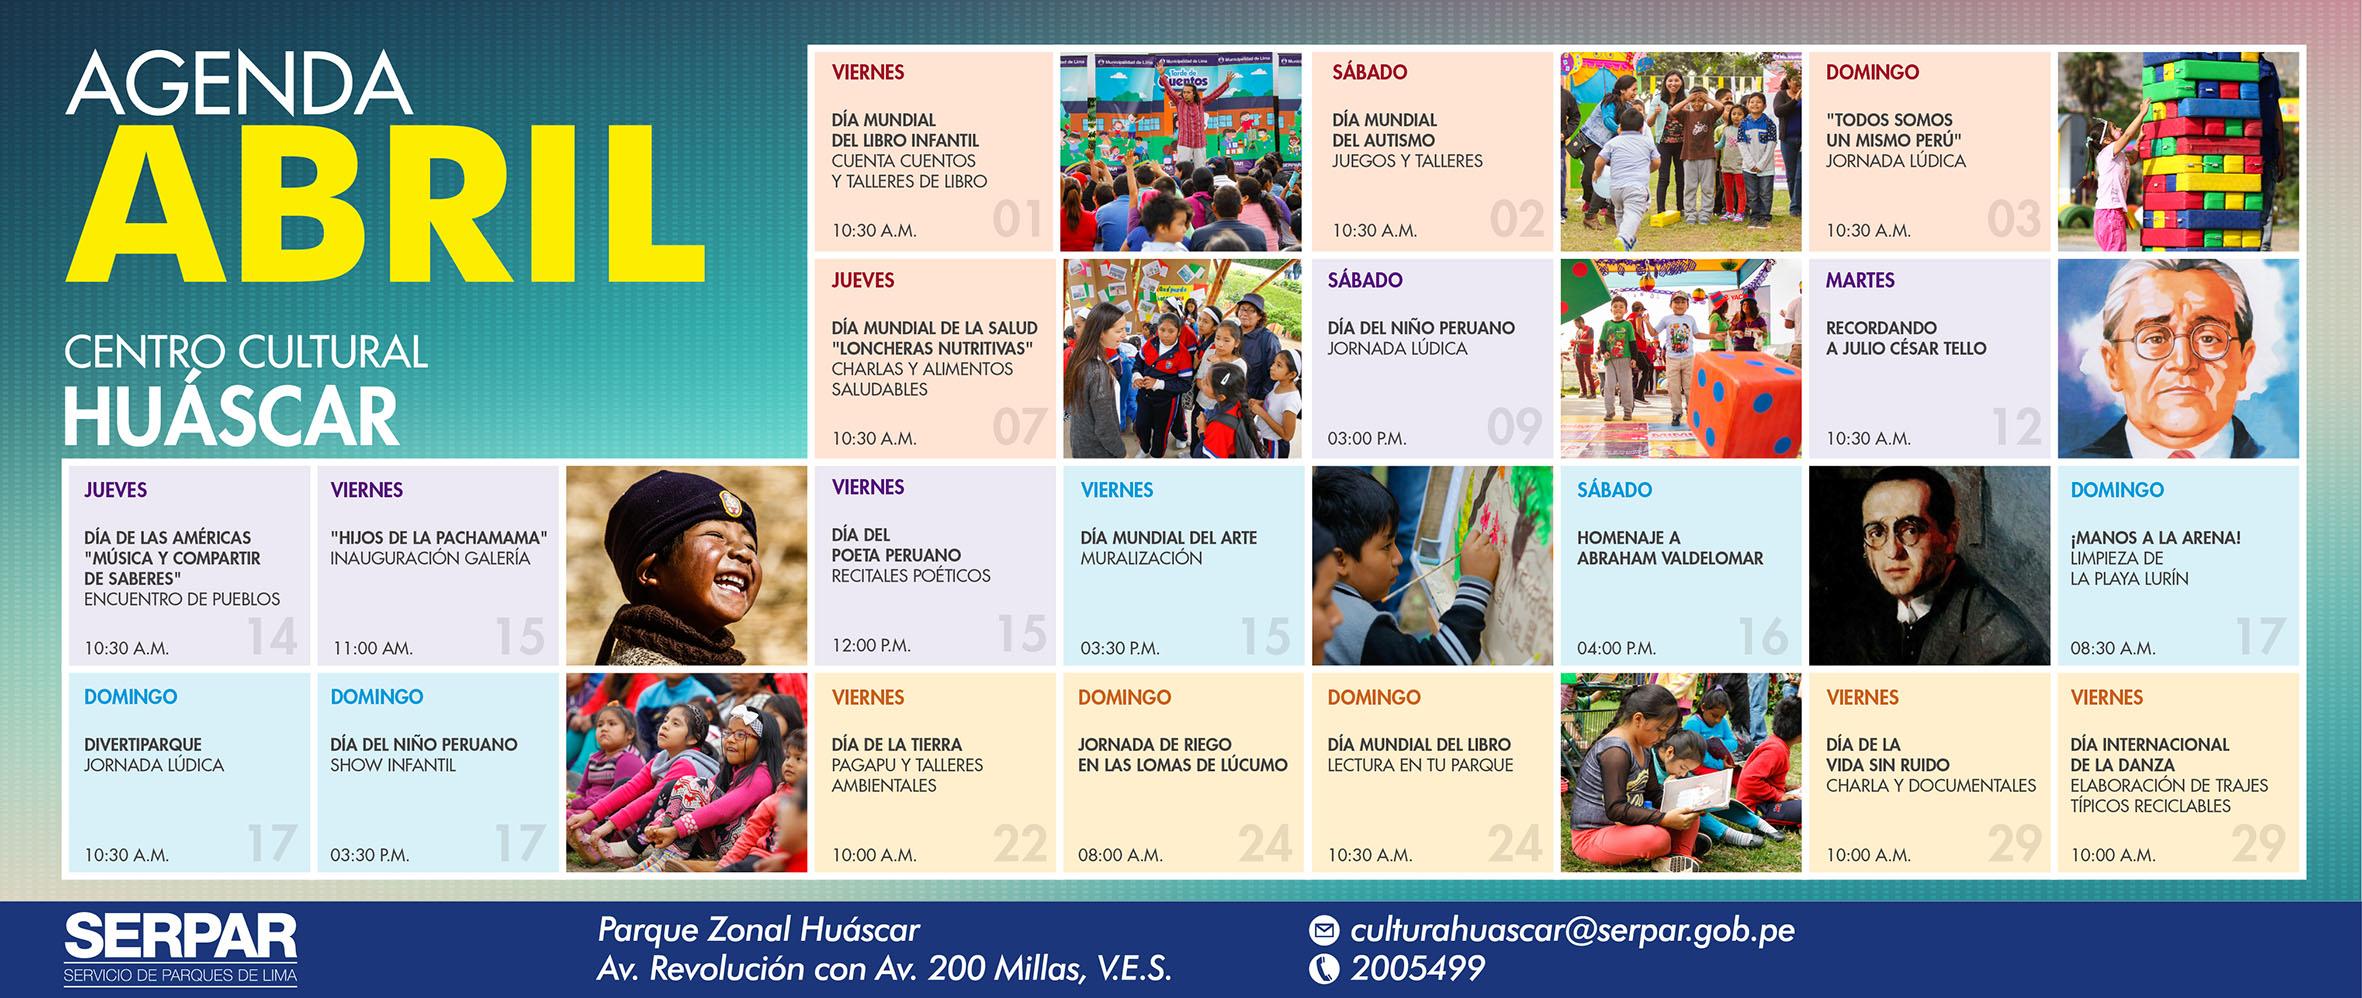 web_agenda_cultura_ABRIL-02